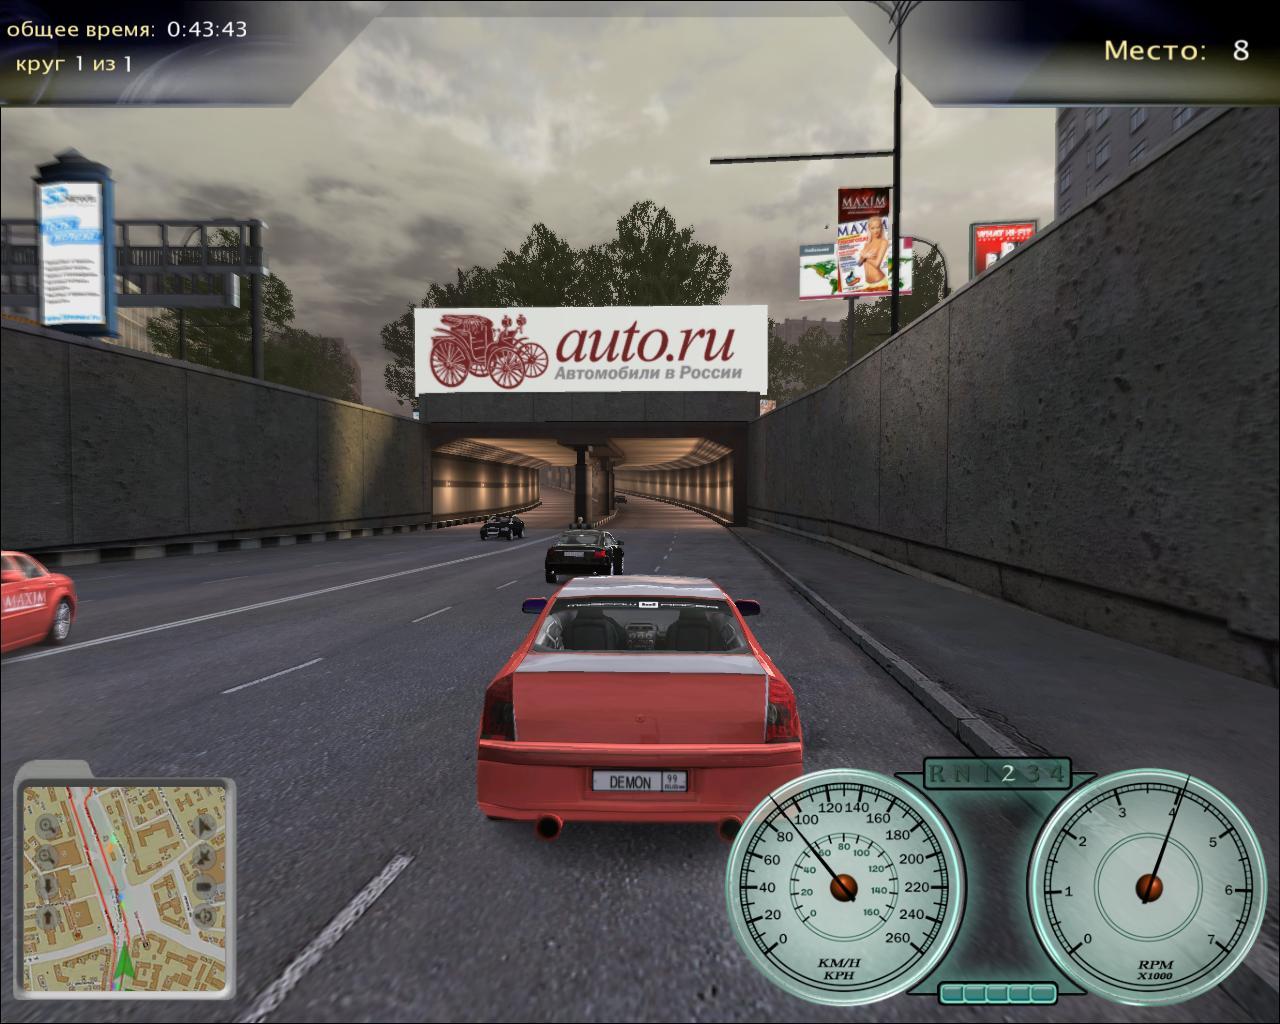 B Скачать/b патч для/b moscow racer.